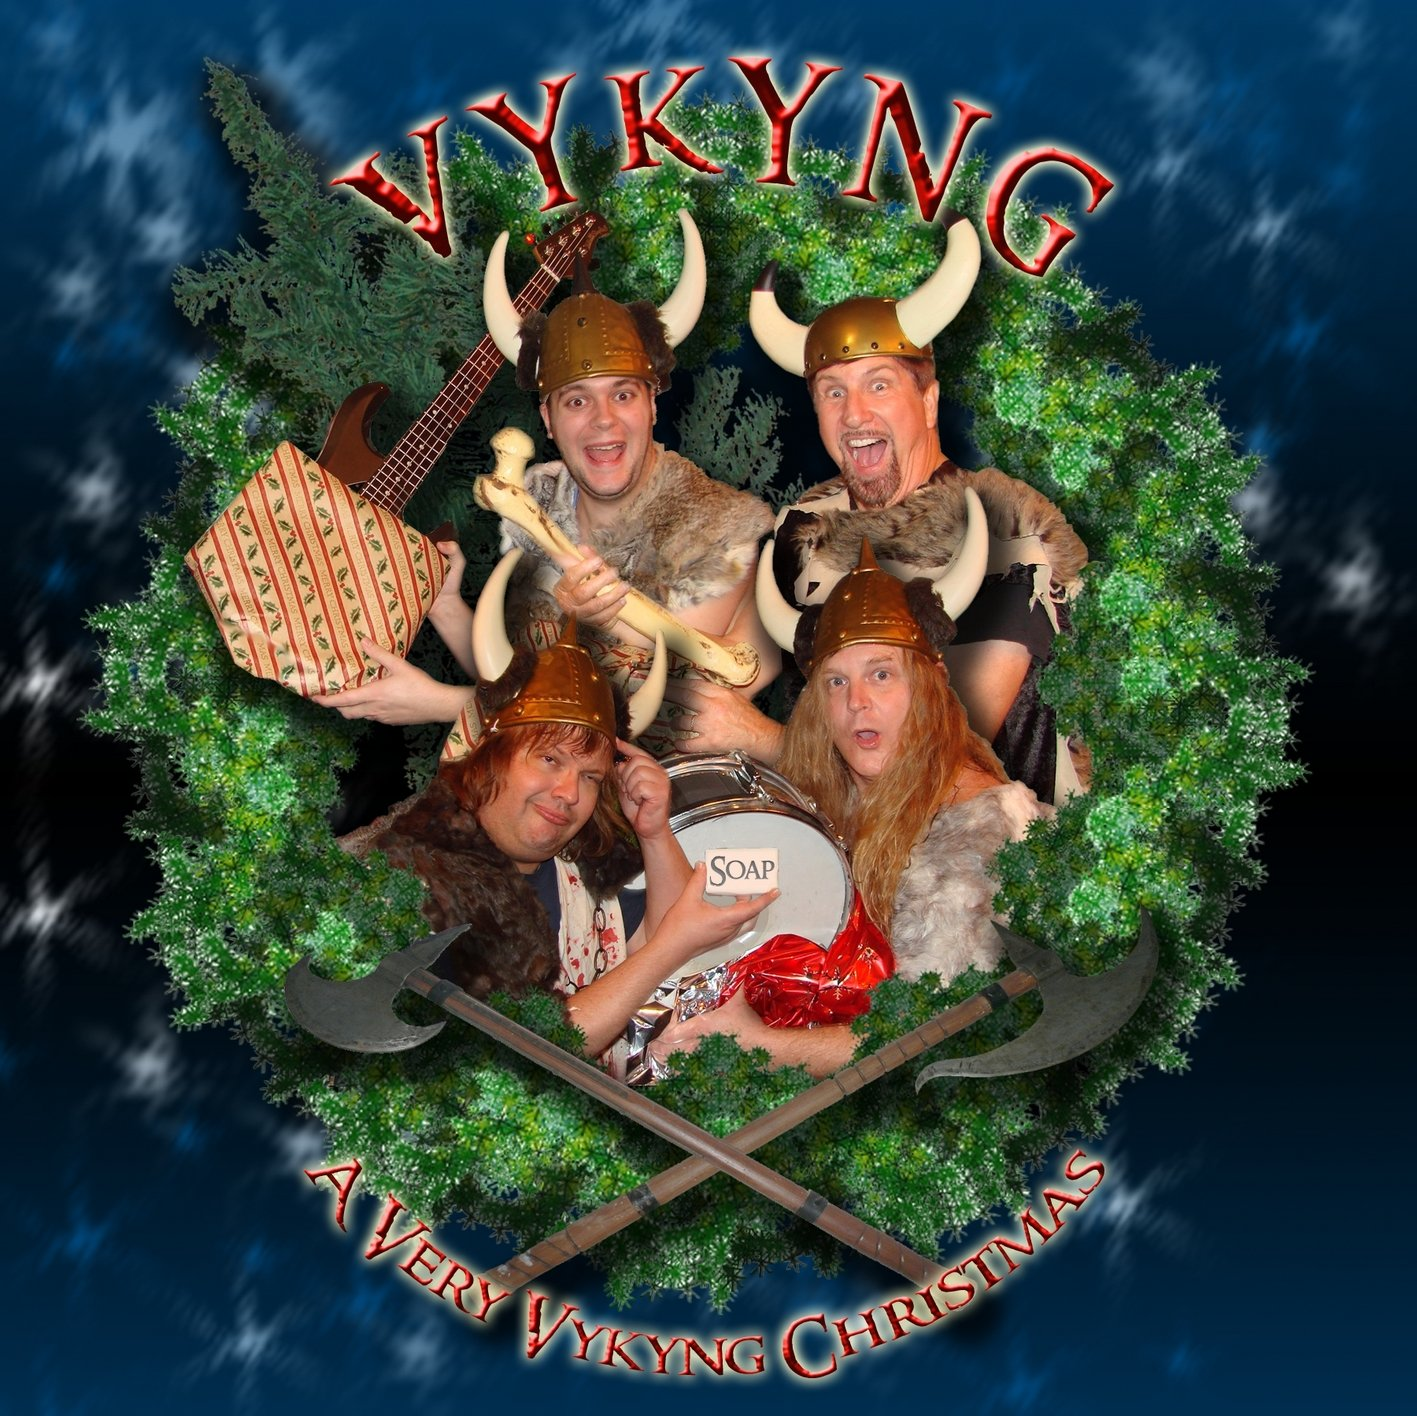 Vyking, Christmas albums